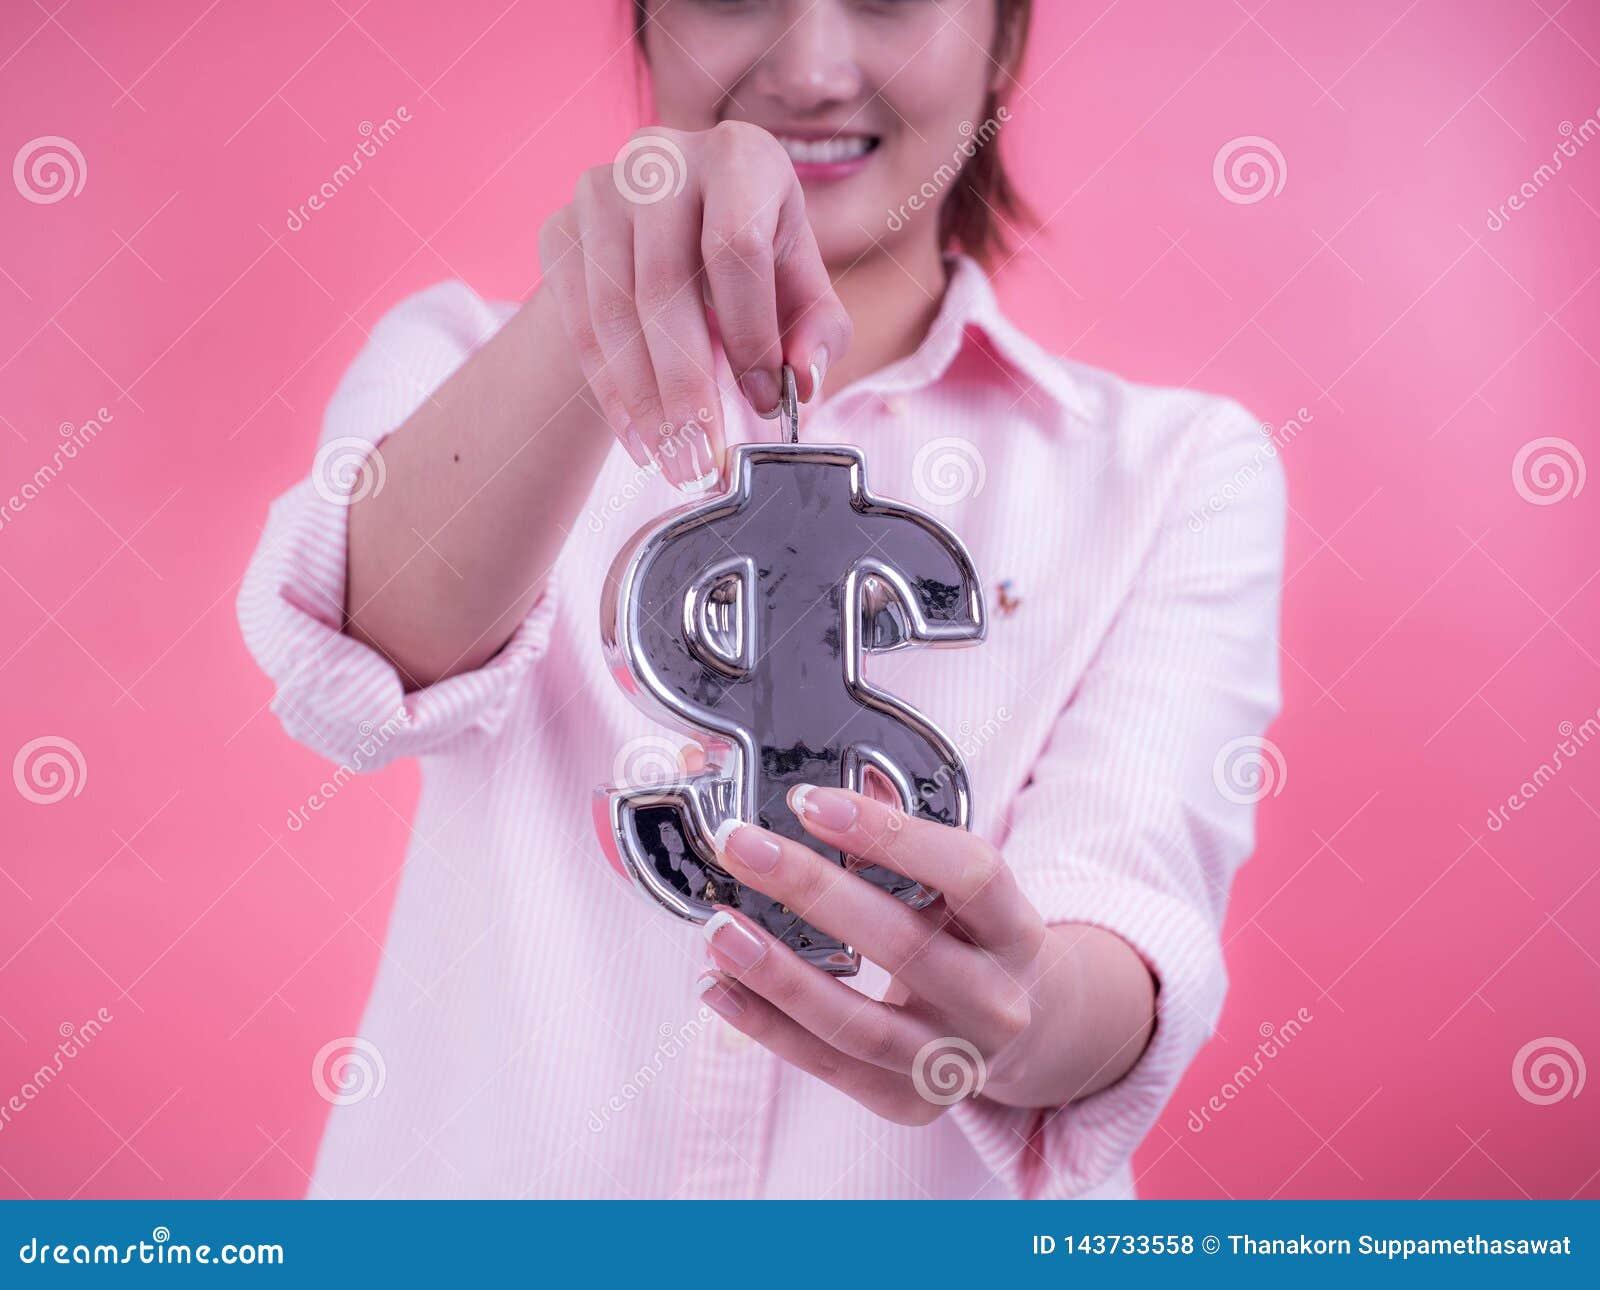 банк финансовый кредит вклады